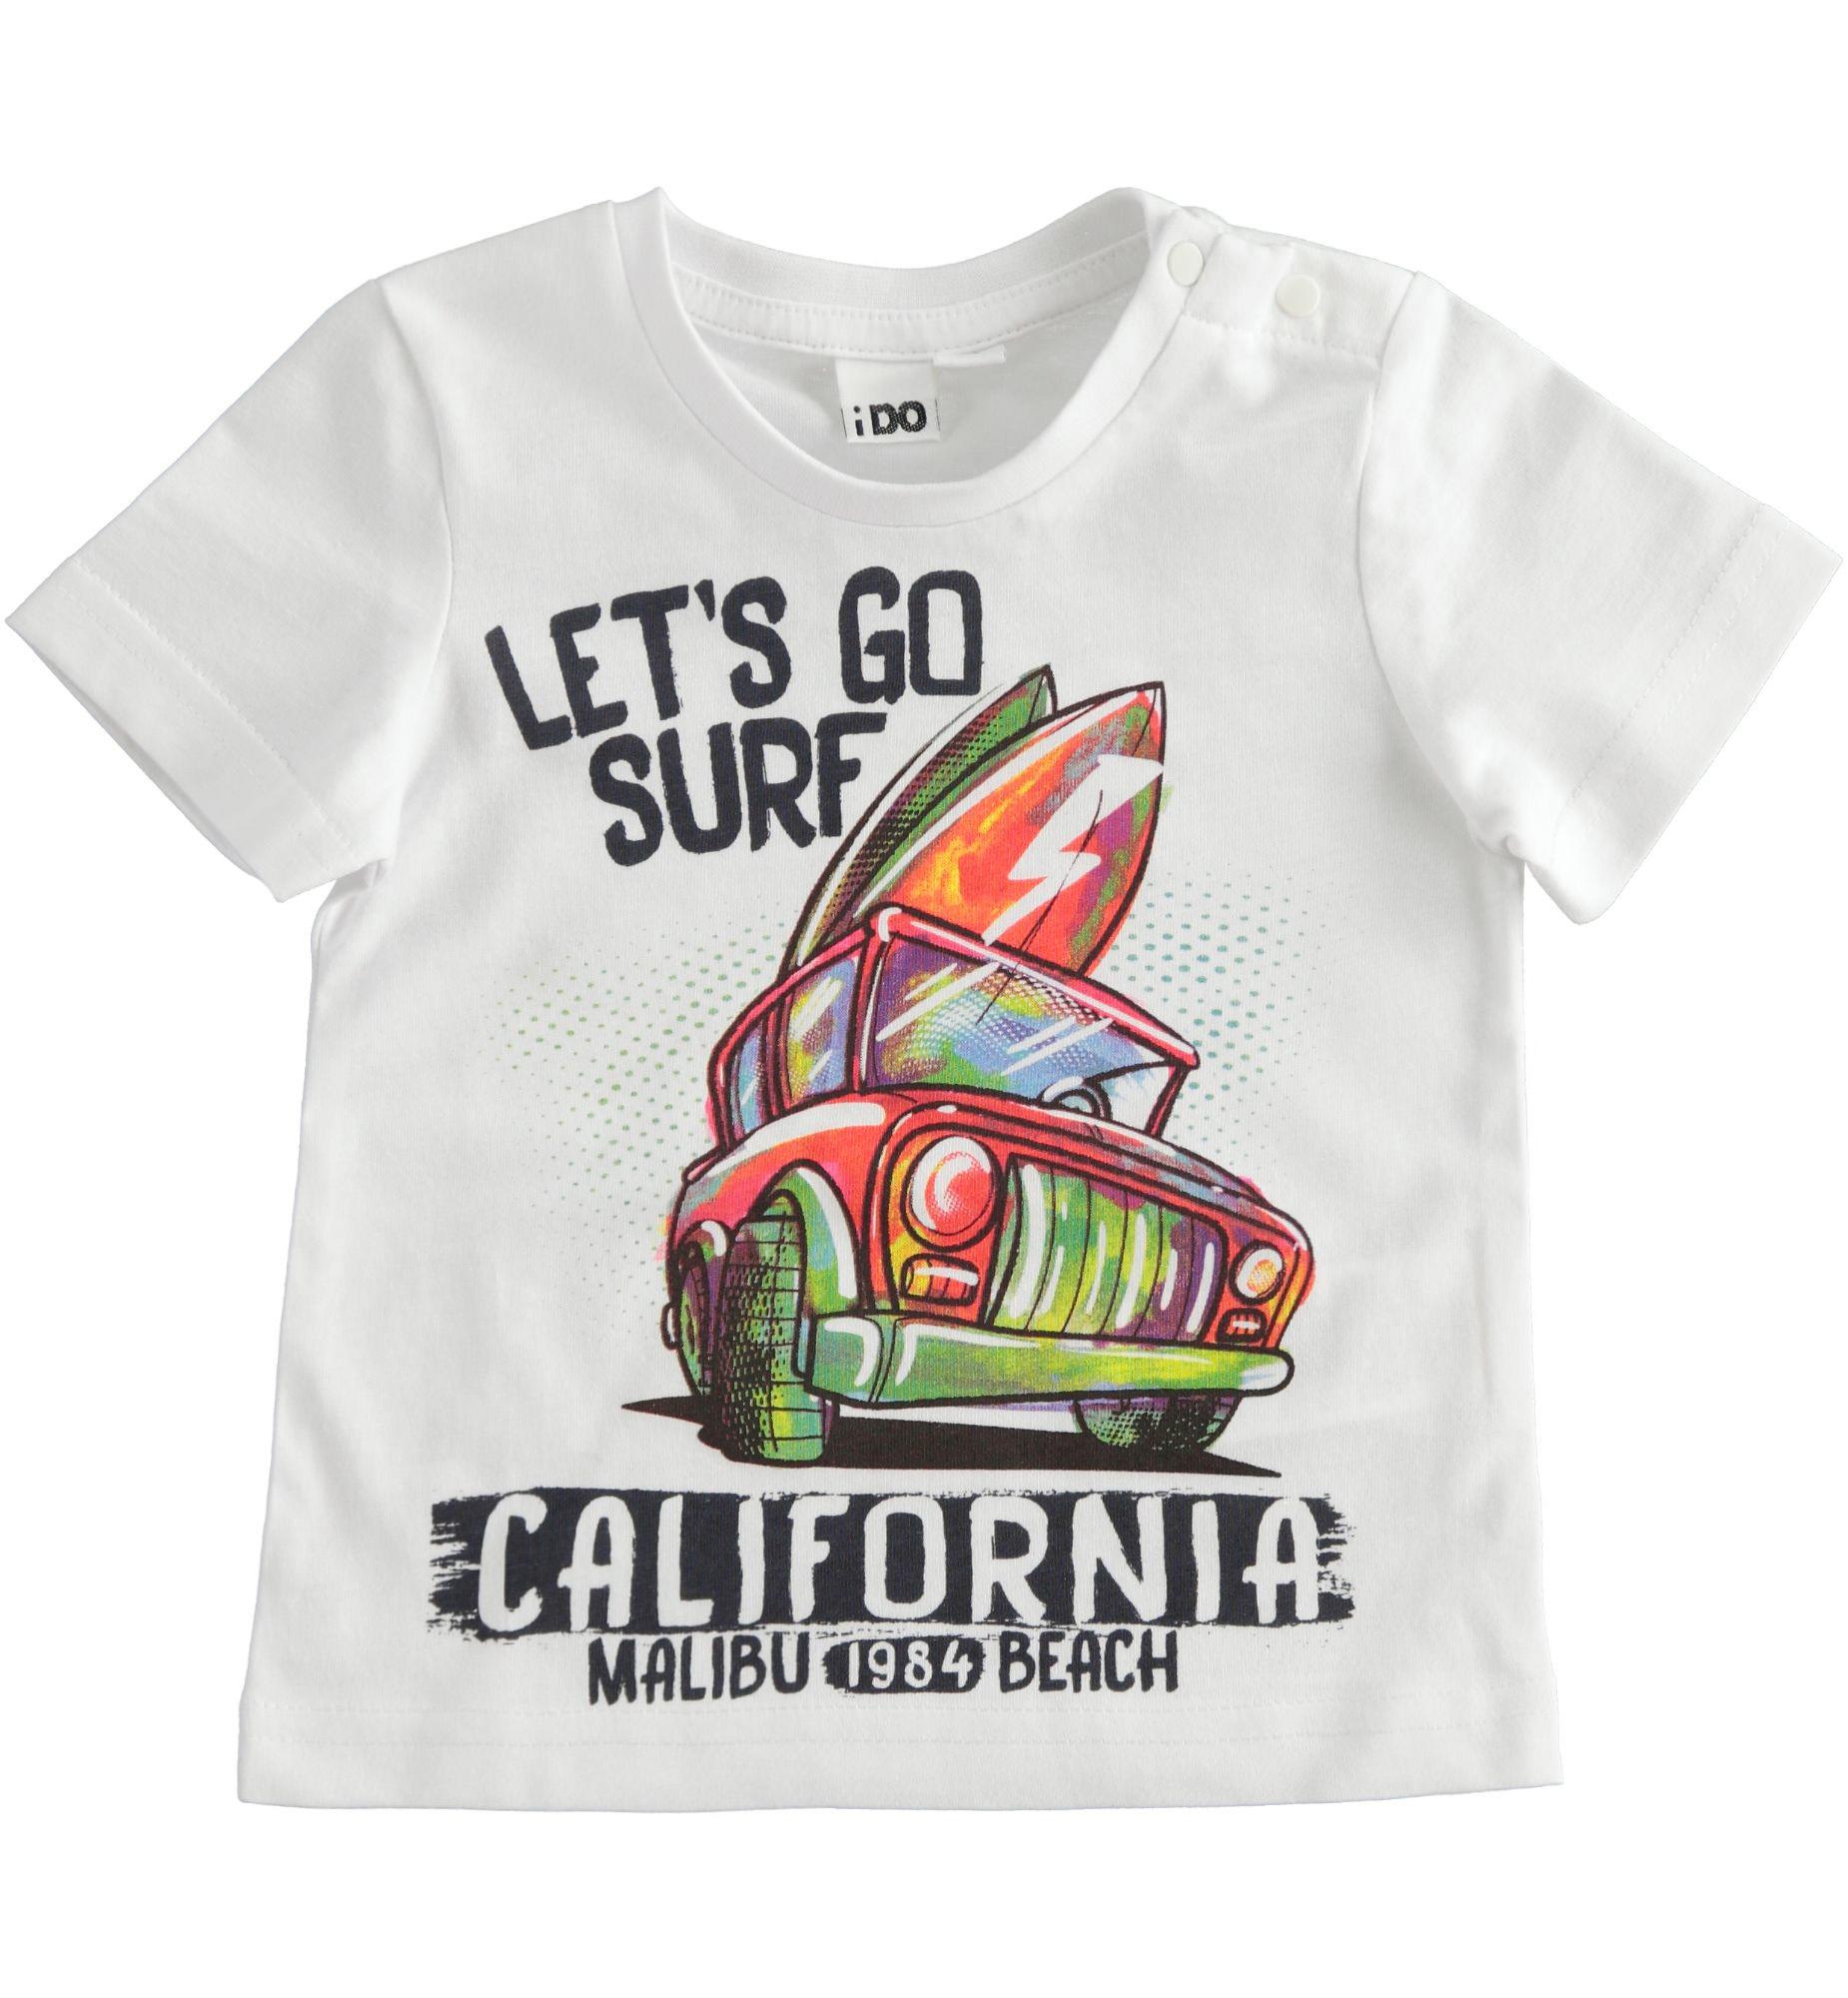 Kisfiú autós színes póló